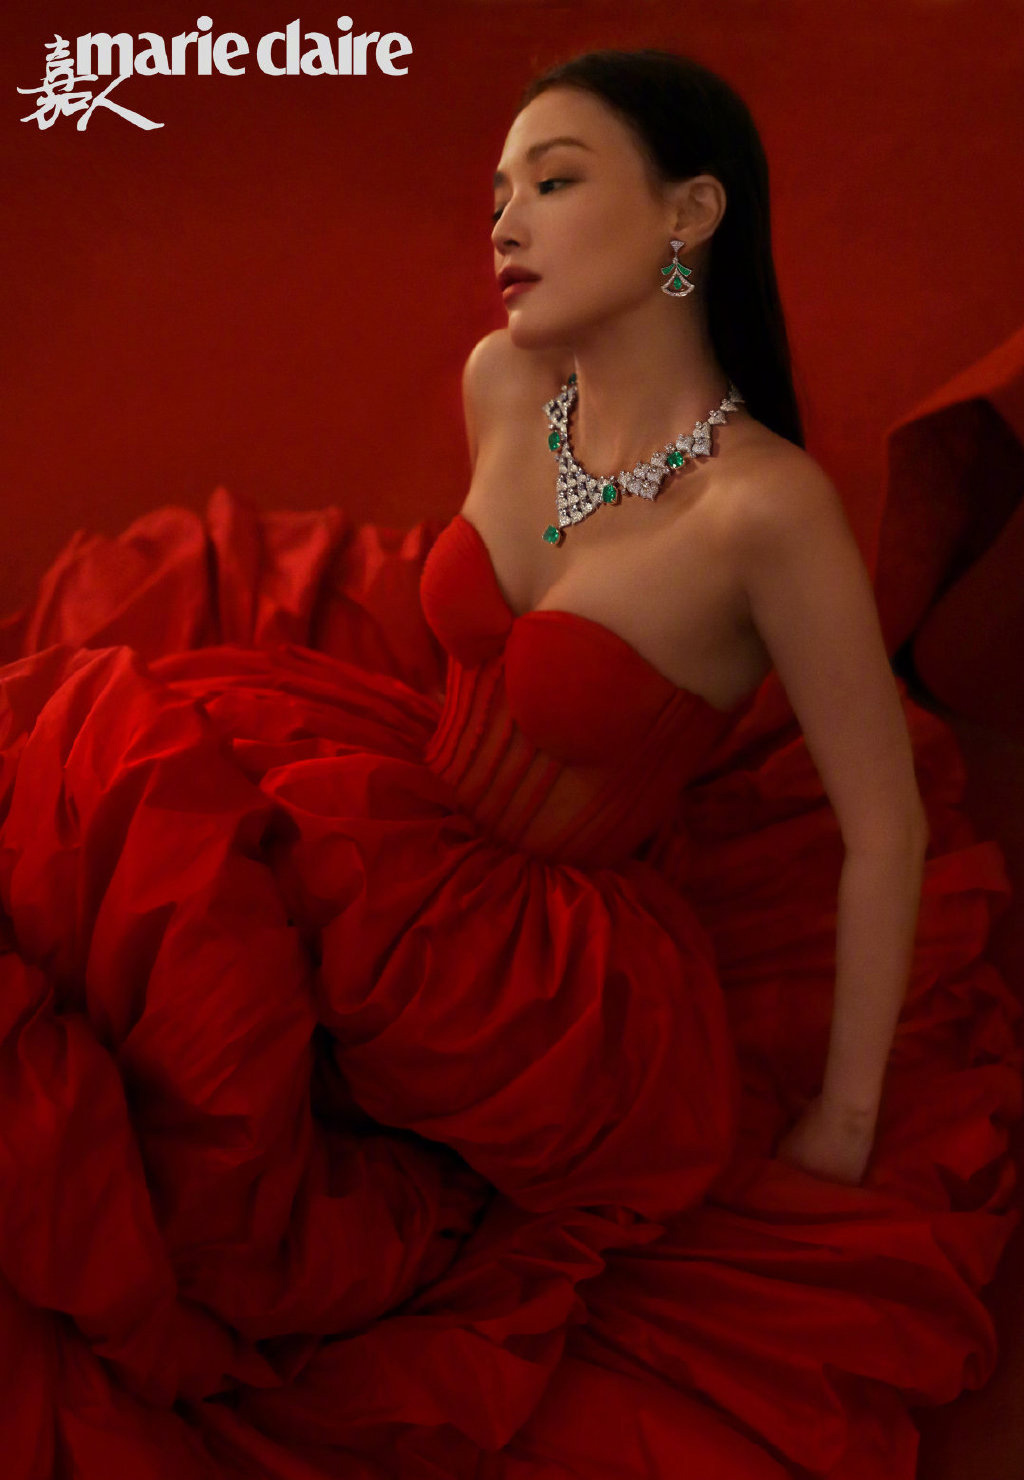 舒淇的高级脸太惊艳了,复古红裙搭配奢华珠宝,风情万种好迷人